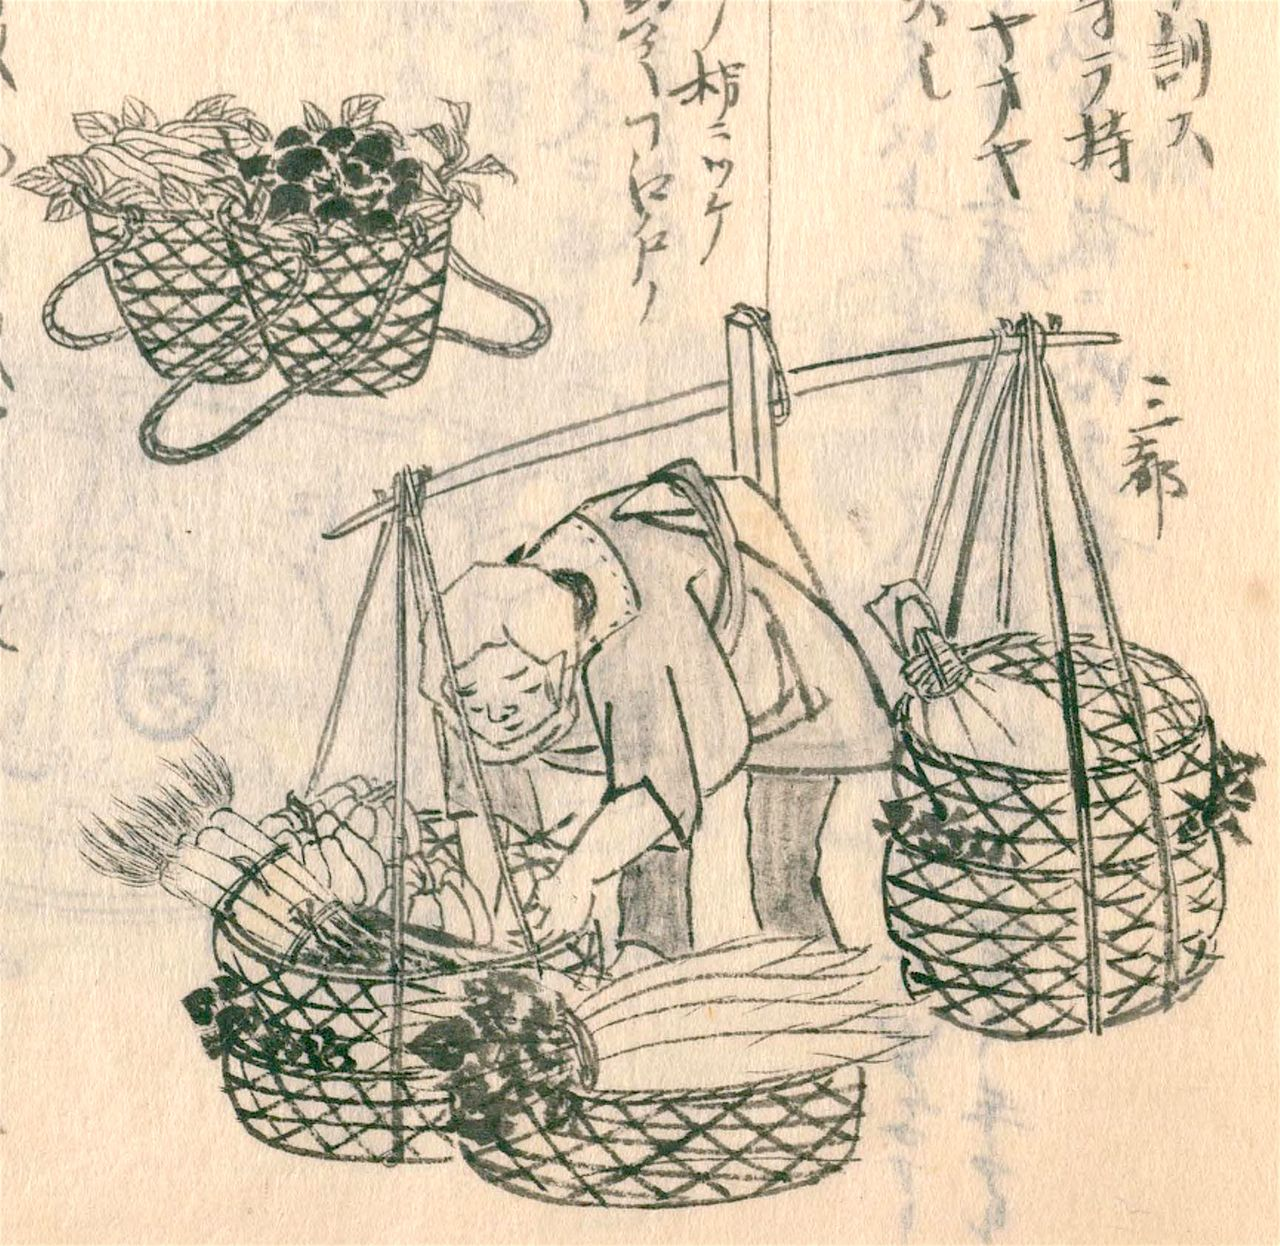 Ботэфури, торгующий редькой-дайкон. На переднем плане – регион Кэйхан (Киото и Осака), сзади (вверху слева) – Эдо; заметны отличия формы корзин («Морисада манко», Национальная парламентская библиотека)